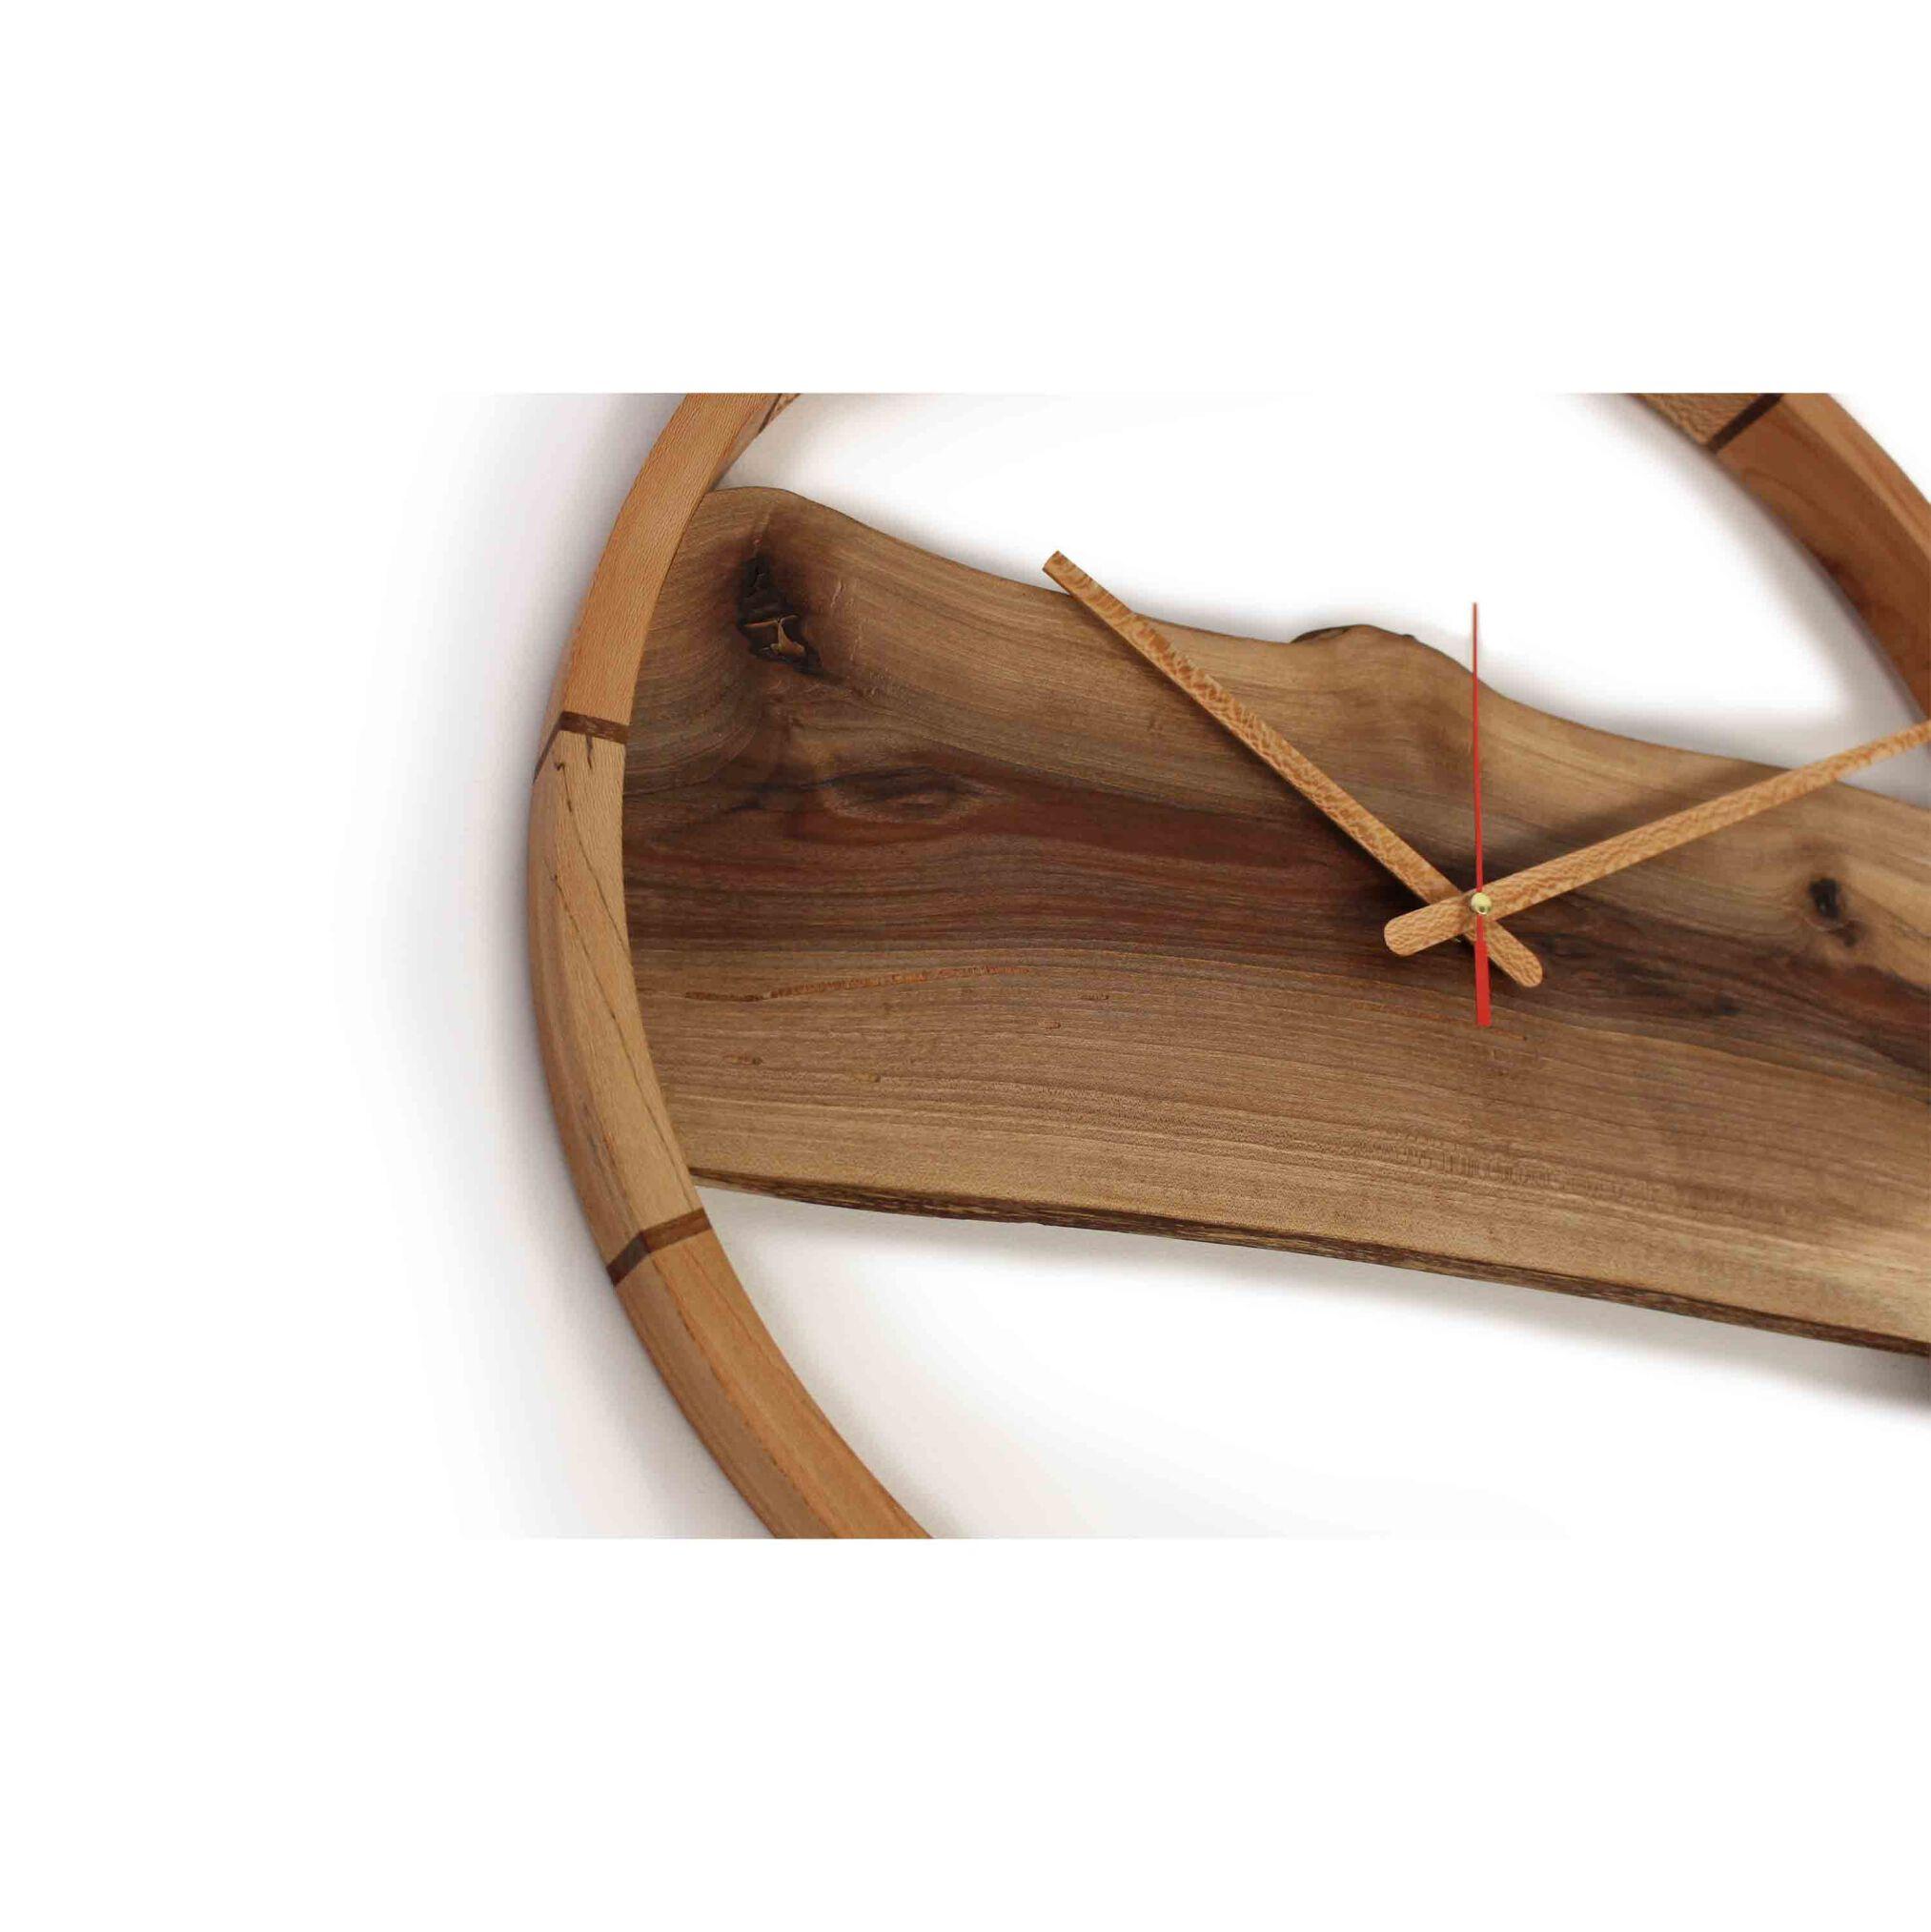 ساعت چوبی رینگ تمام چوب، ساعت کادویی